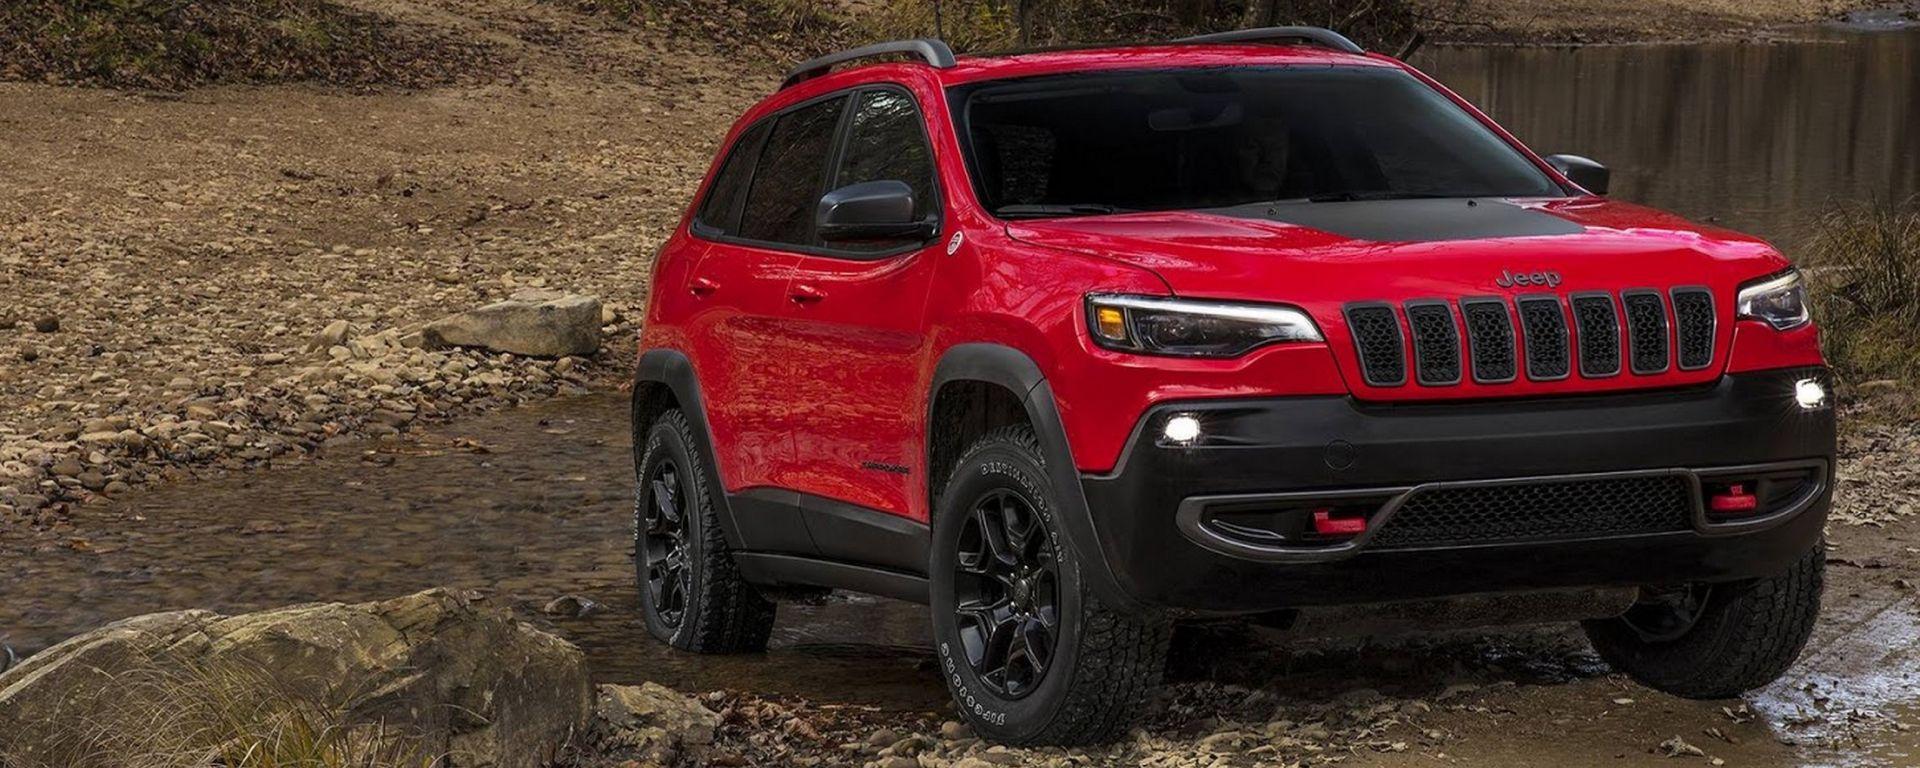 Nuova Jeep Cherokee 2018: le foto e le caratteristiche